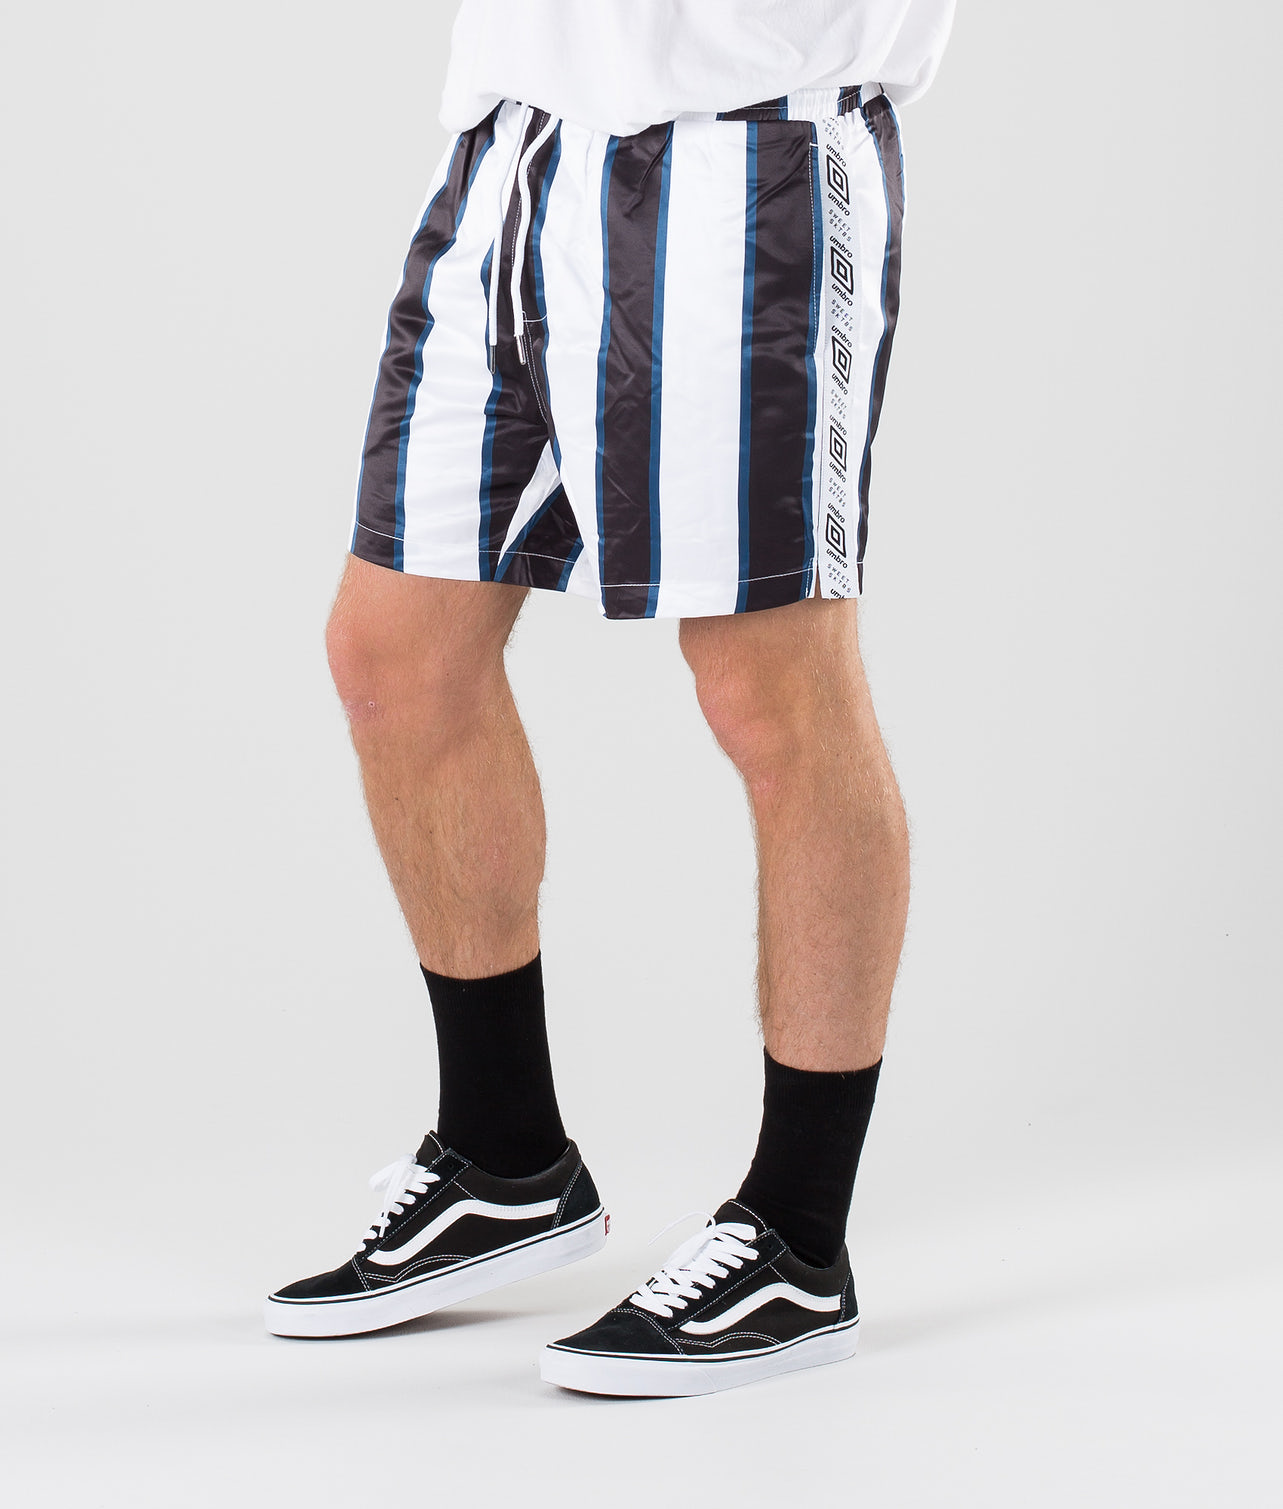 Kjøp Sweet X Umbro Football Shorts fra Sweet SKTBS på Ridestore.no - Hos oss har du alltid fri frakt, fri retur og 30 dagers åpent kjøp!